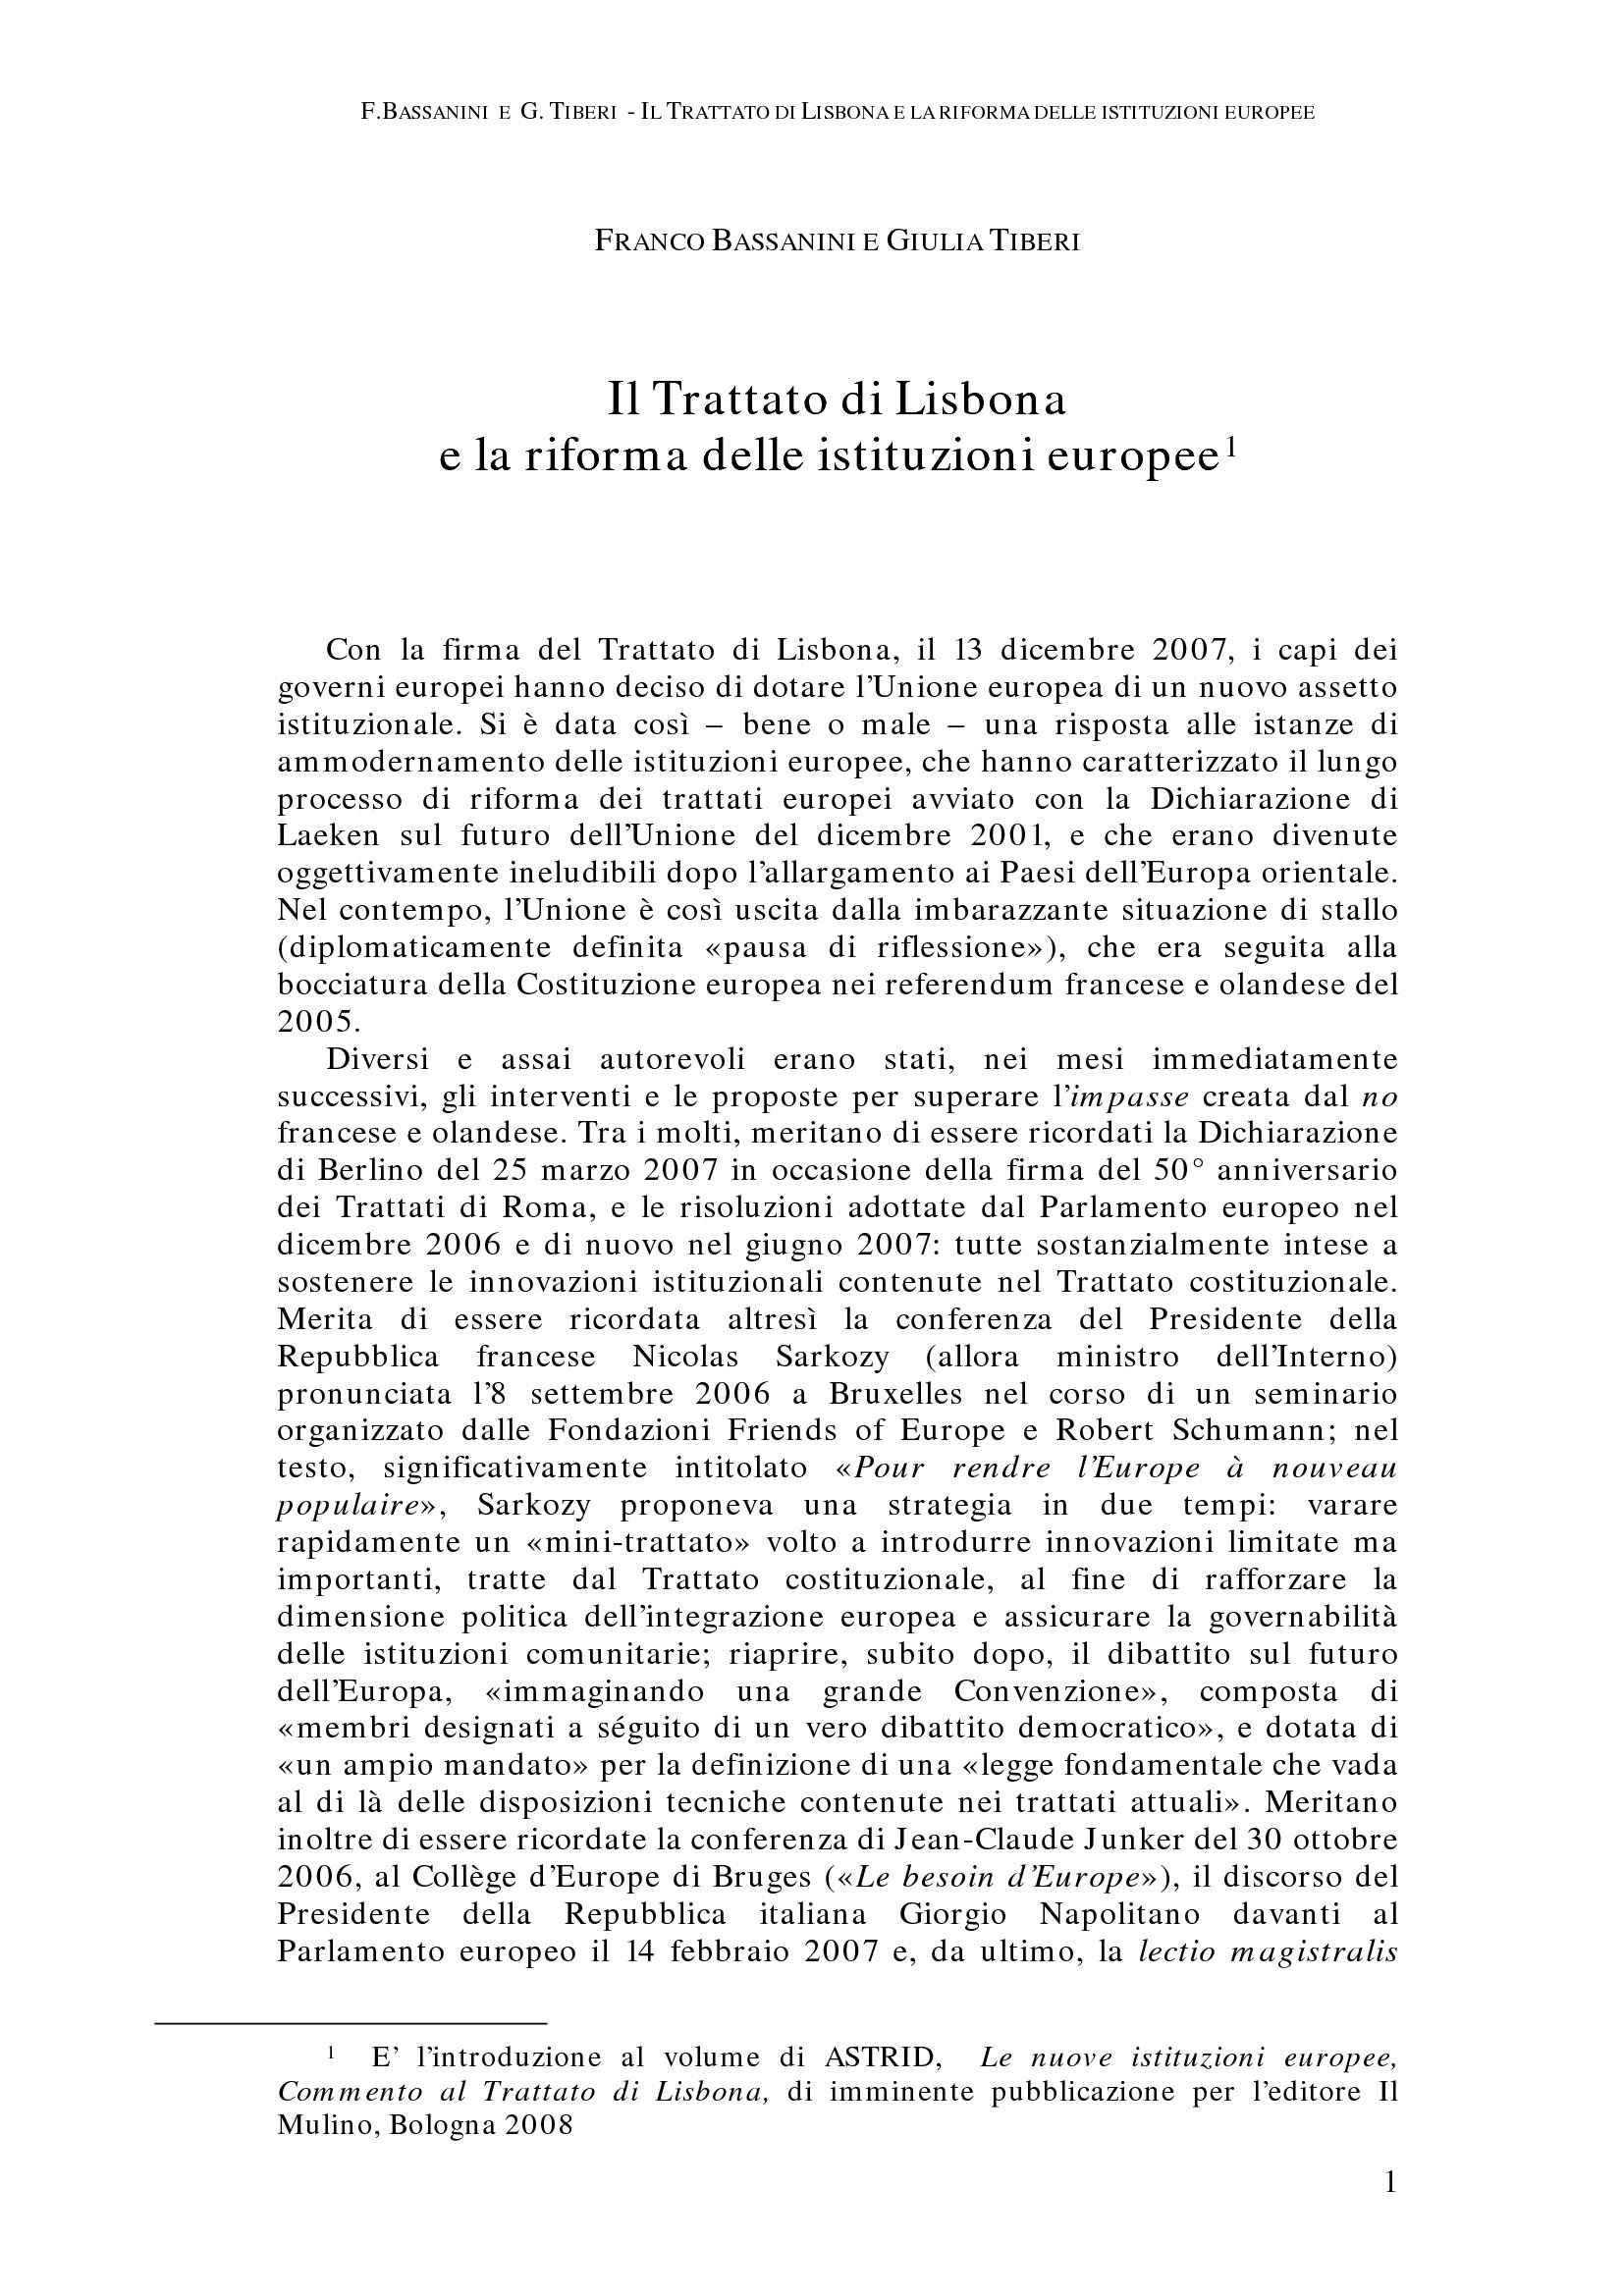 Trattato di Lisbona e Riforma delle Istituzioni Europee